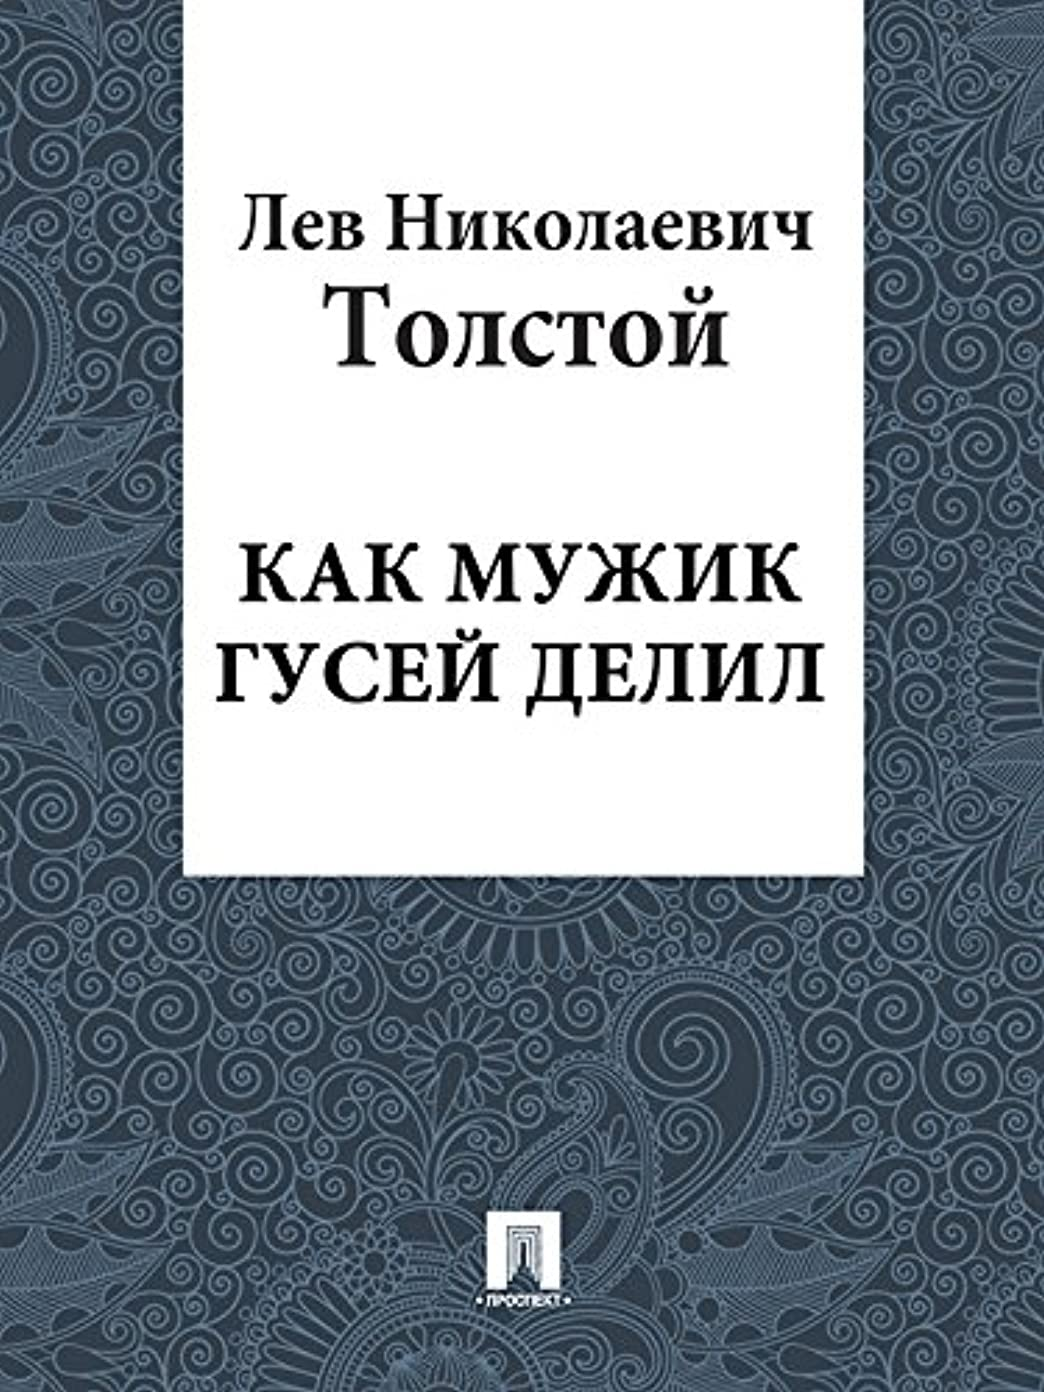 Как мужик гусей делил (Russian Edition)